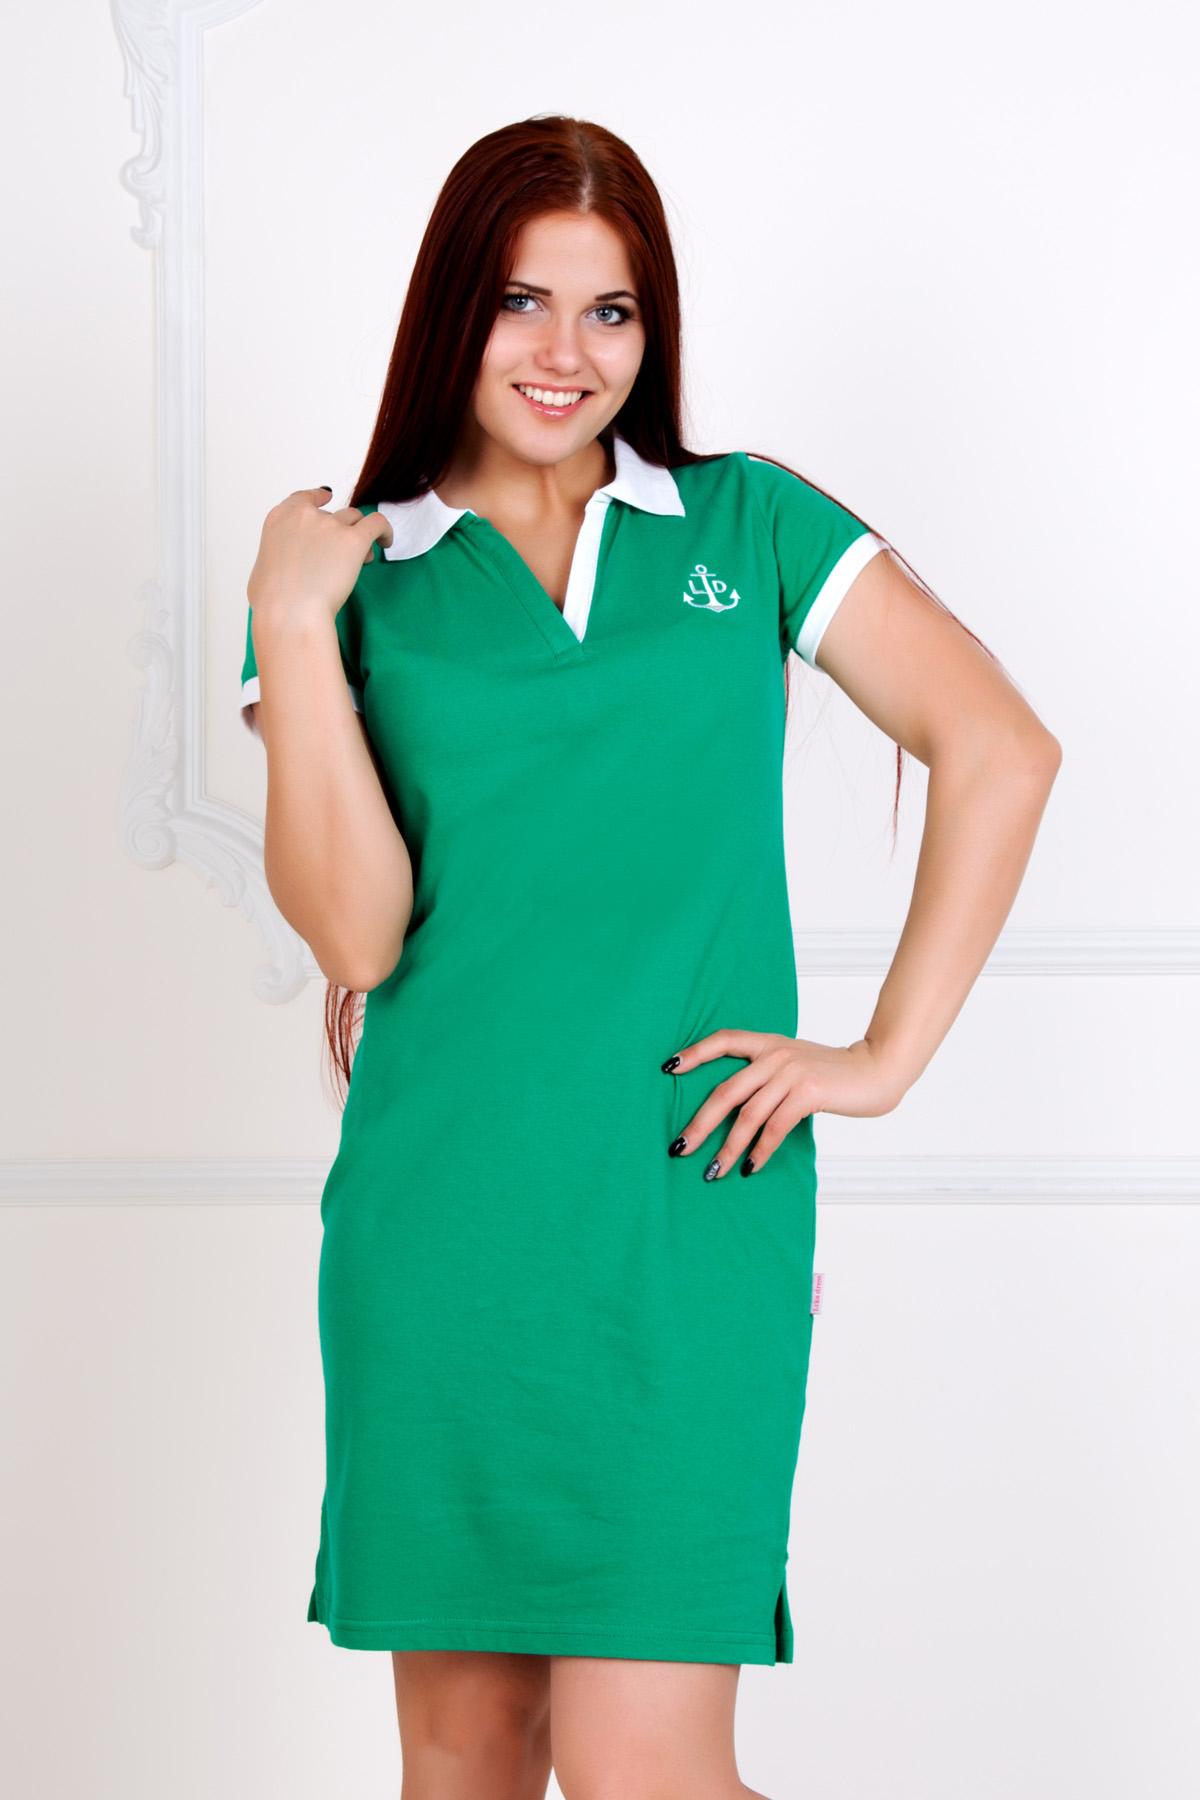 Жен. платье Поло Зеленый р. 40Платья, туники<br>Обхват груди:80 см<br>Обхват талии:62 см<br>Обхват бедер:88 см<br>Длина по спинке:89 см<br>Рост:167 см<br><br>Тип: Жен. платье<br>Размер: 40<br>Материал: Пике